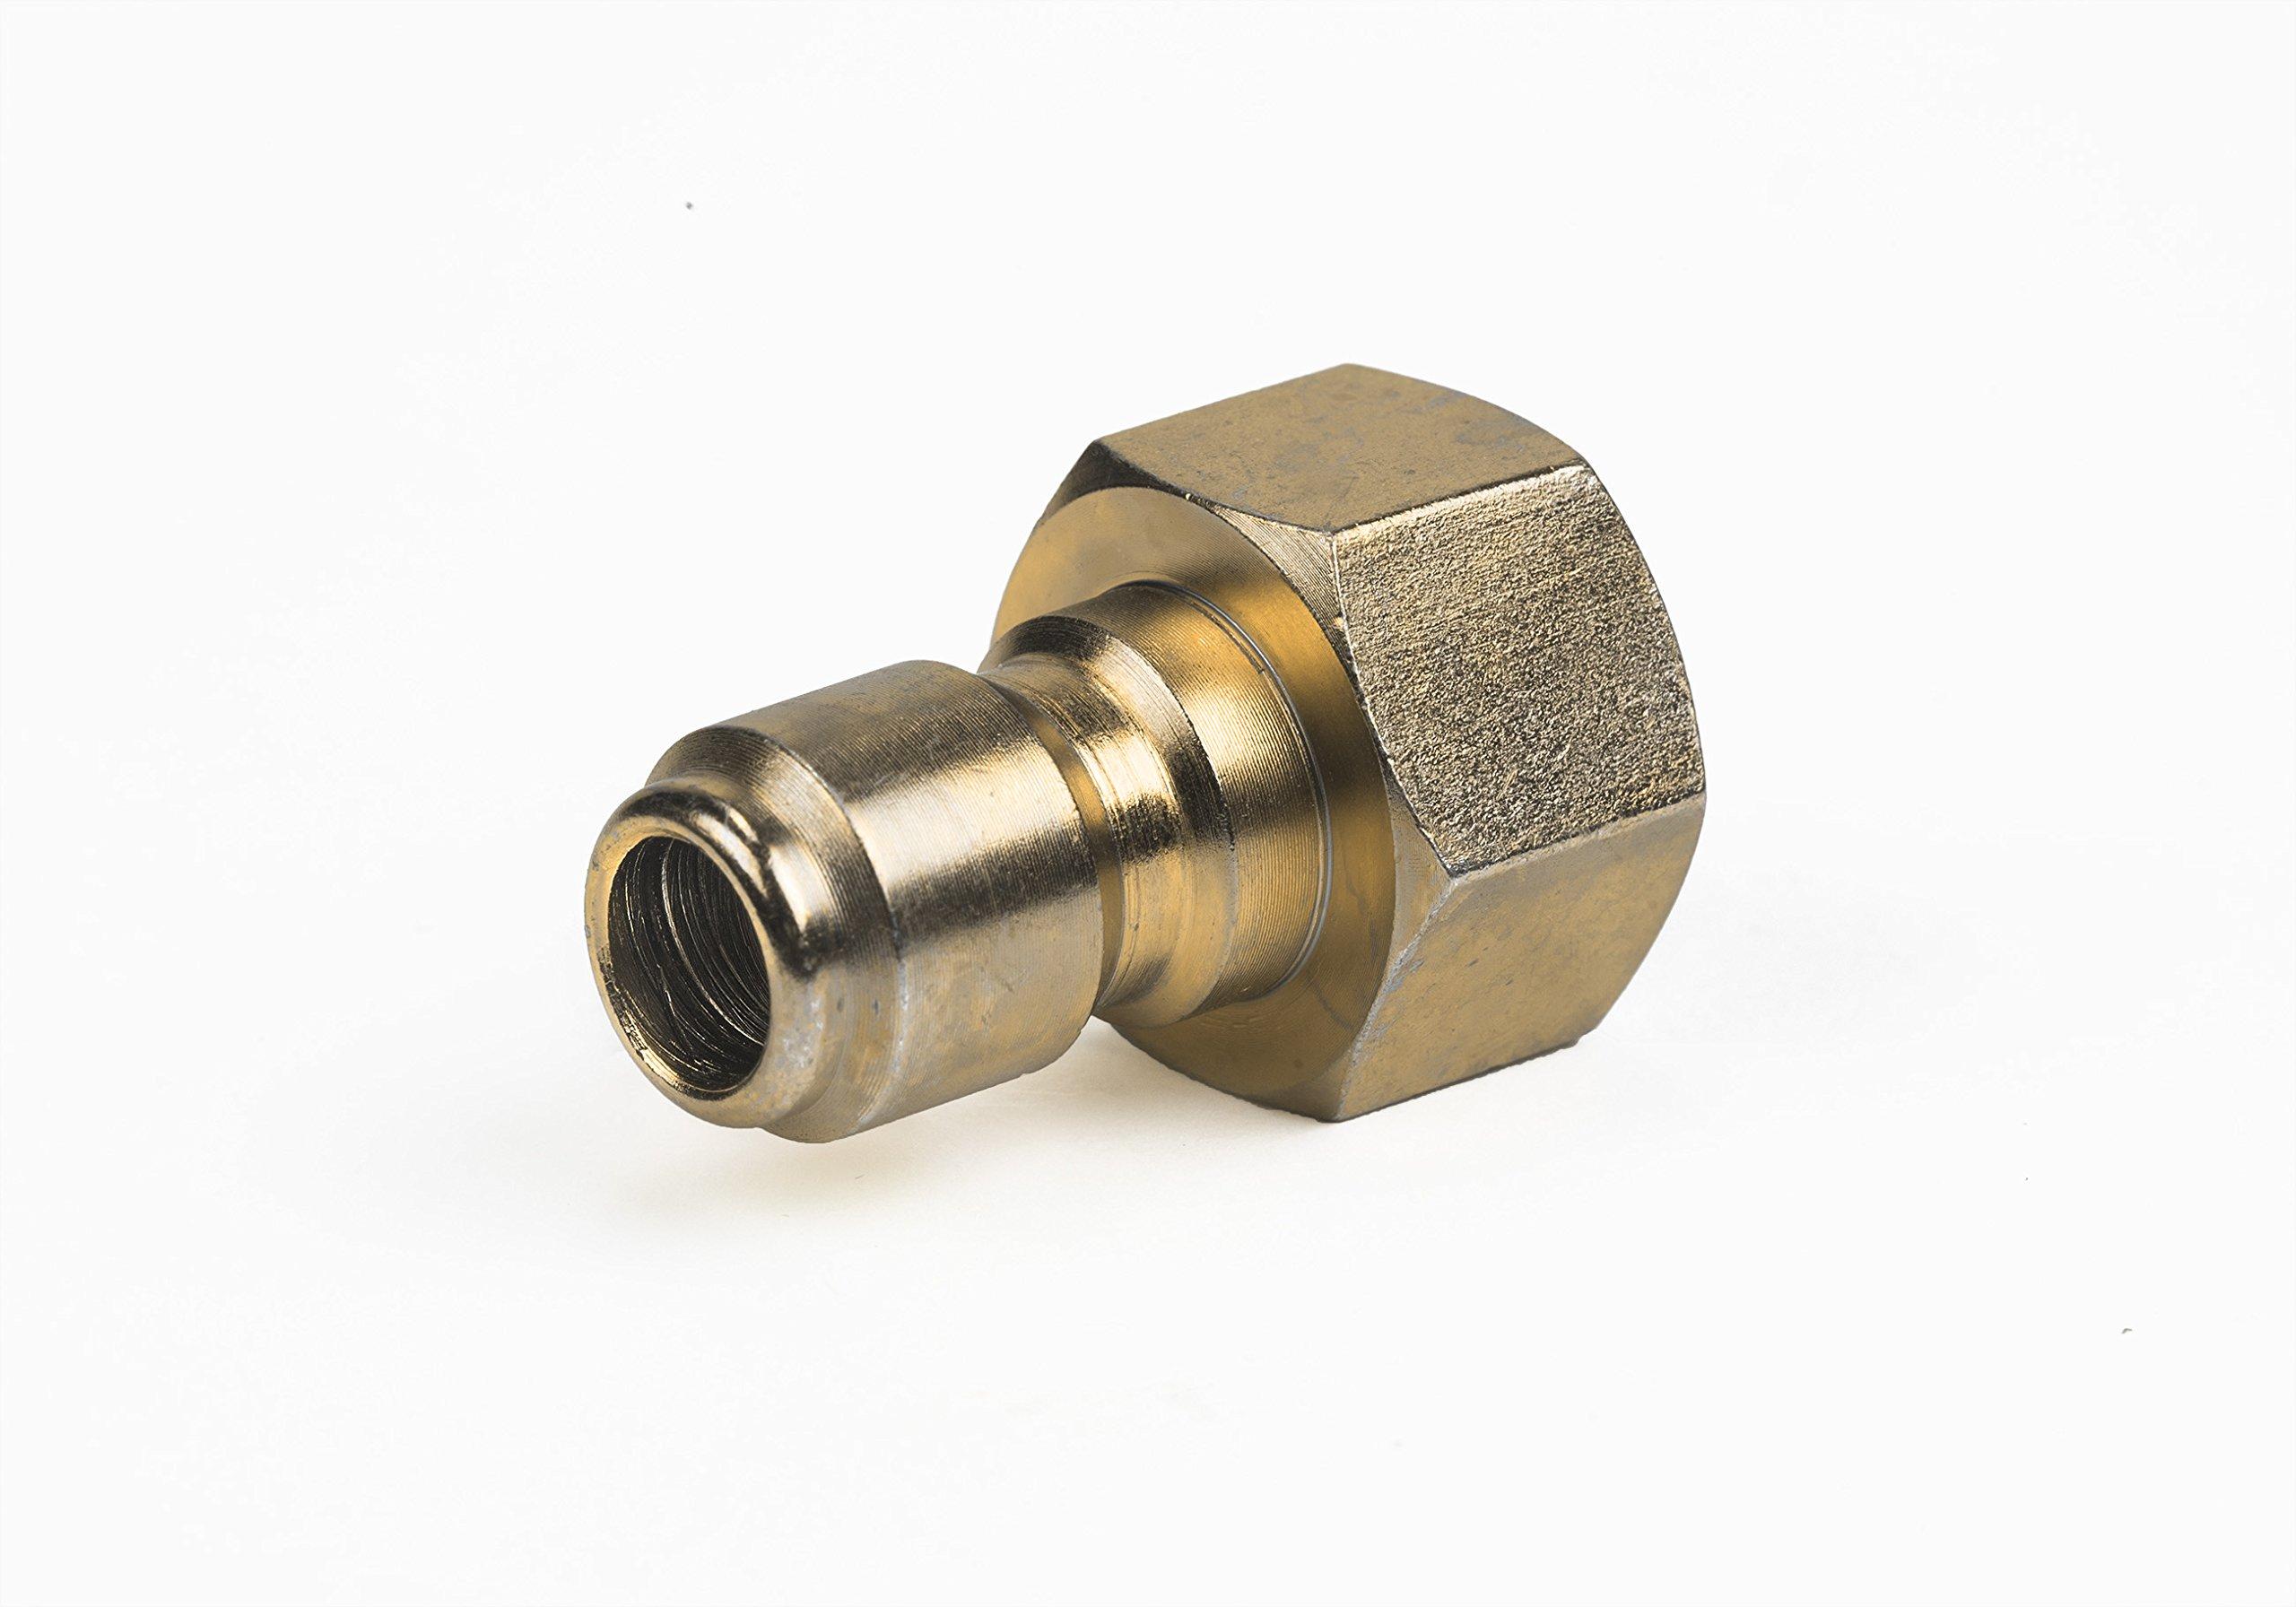 Krcher-38-QD-Ersatz-Stecker-38-Female-fr-Gas-Hochdruckreiniger